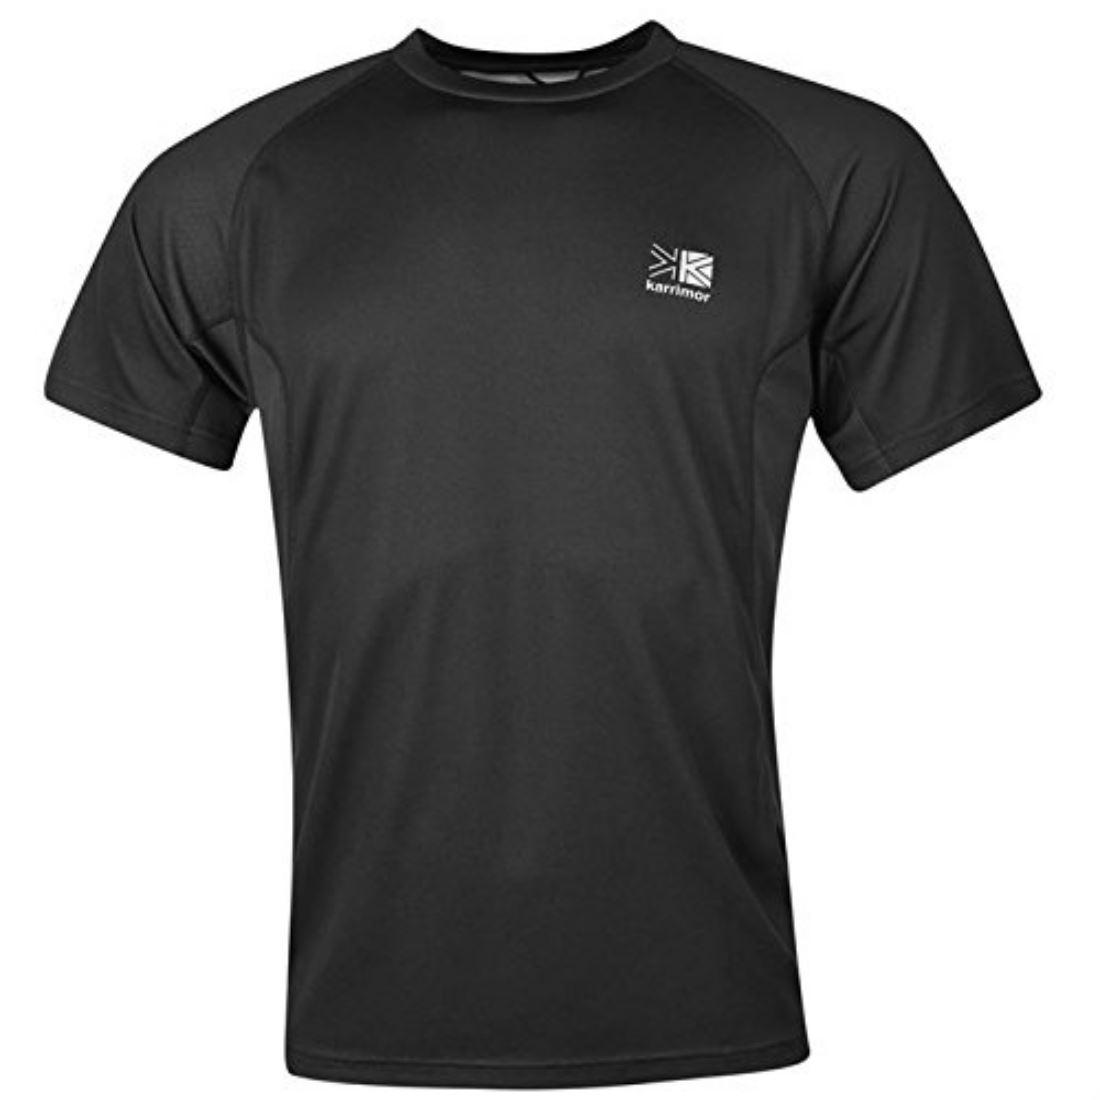 Karrimor Mens Aspen Technical T Shirt Short Sleeves Tee Top